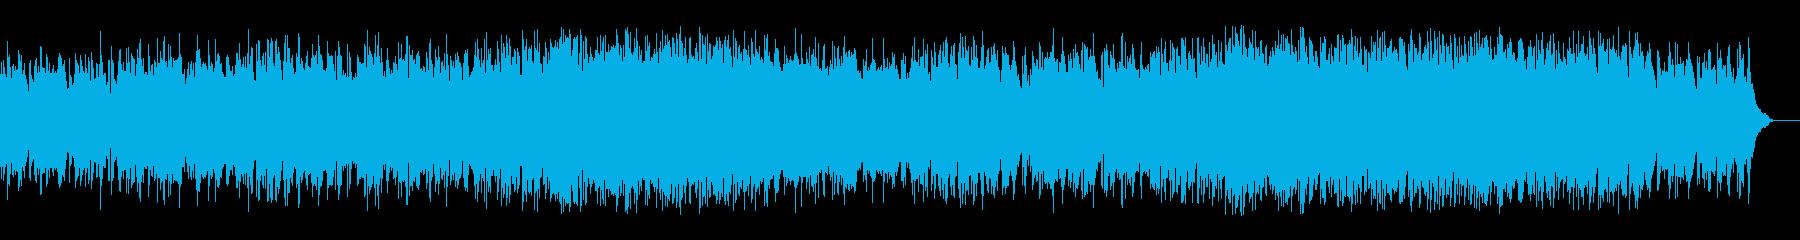 安心感ある暖かいバラード(フルサイズ)の再生済みの波形